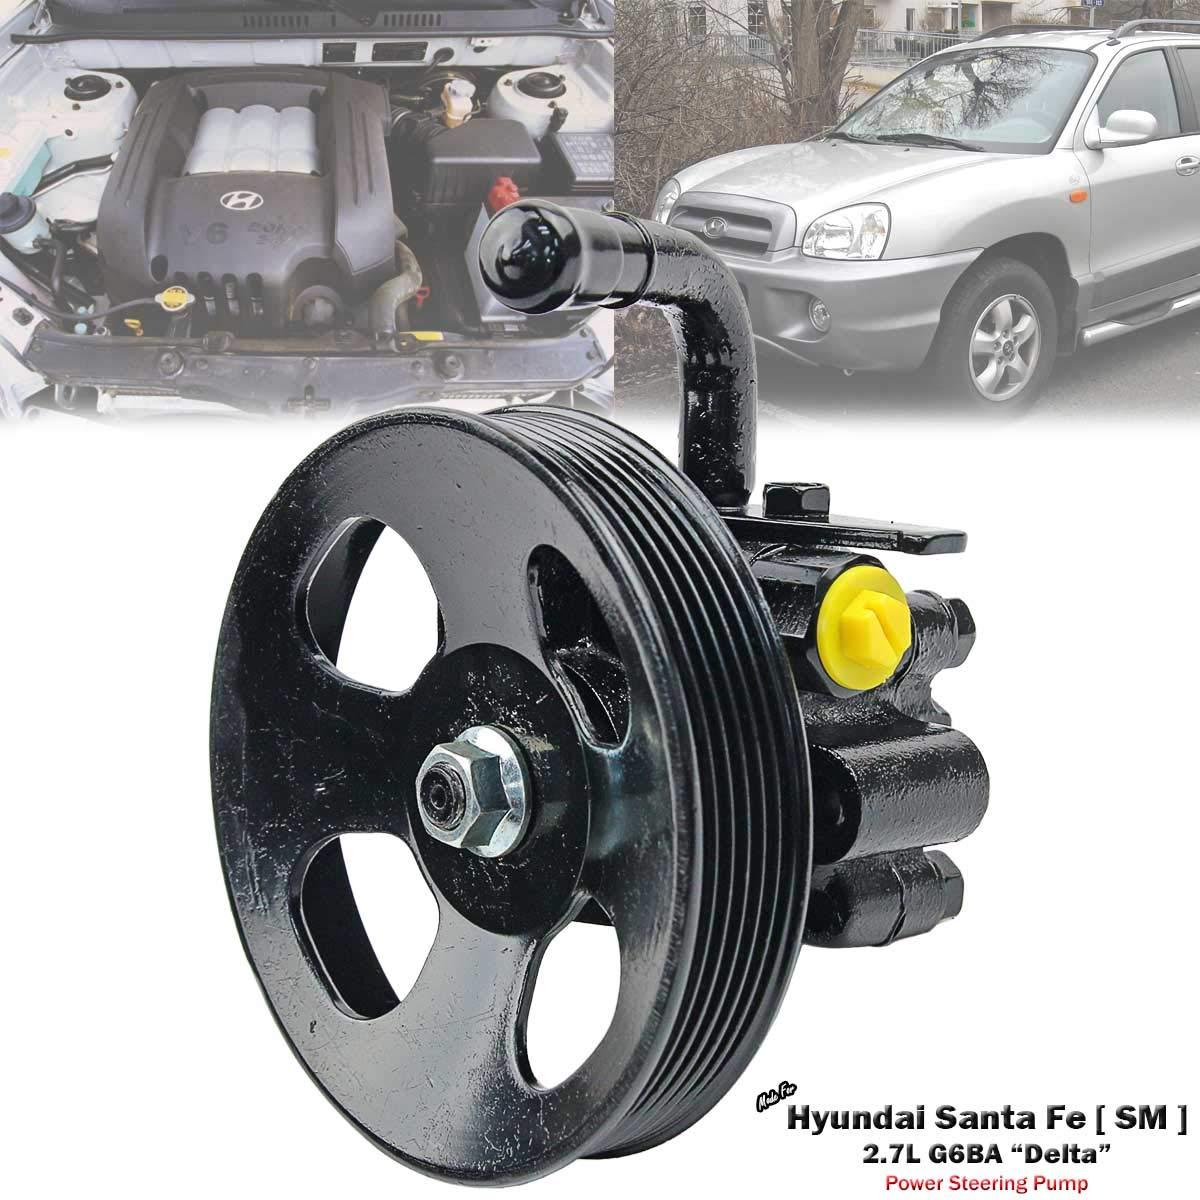 Power Steering Pump For Hyundai Santa Fe SM 2000-2006 2.7L G6BA Delta V6